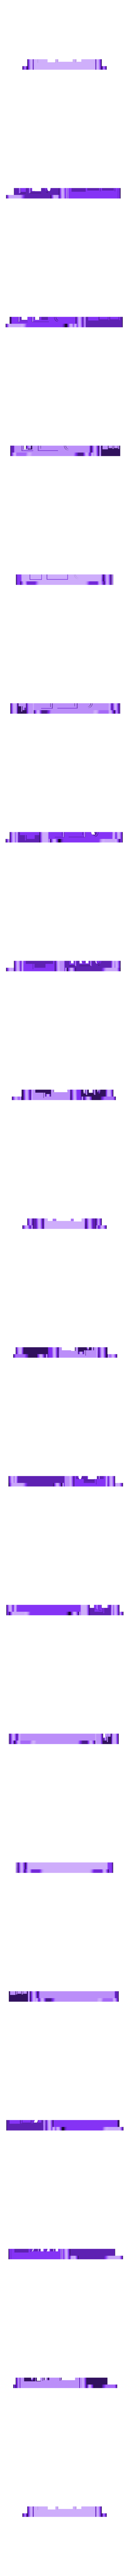 rpi2-bottom.STL Download free STL file Hitman Raspberry Pi 3 Pi 2 VESA 75mm Case • Object to 3D print, sneaks